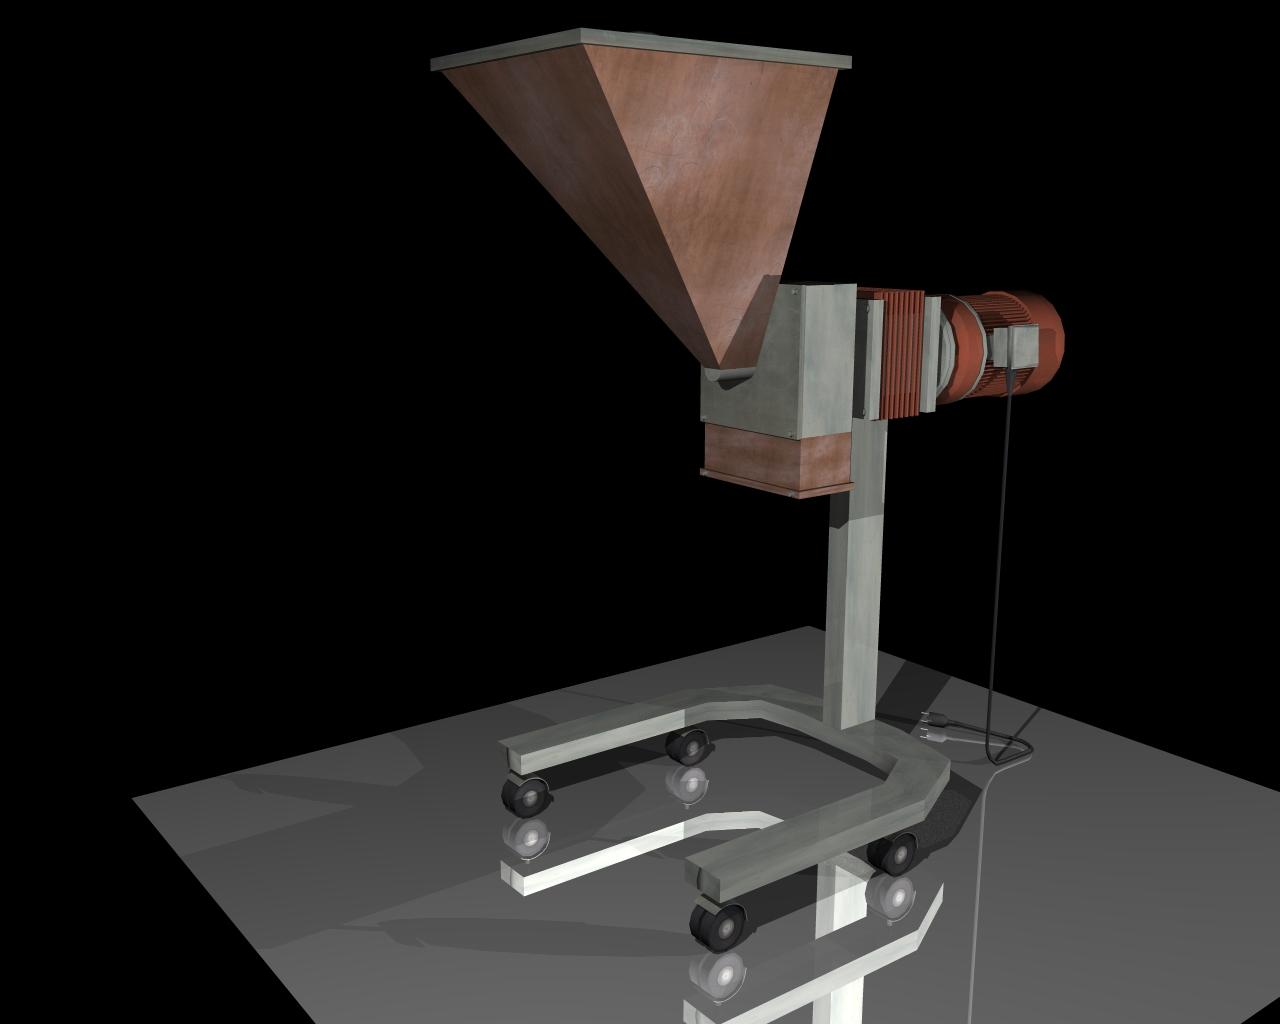 grind machine 3d model 3ds 164264